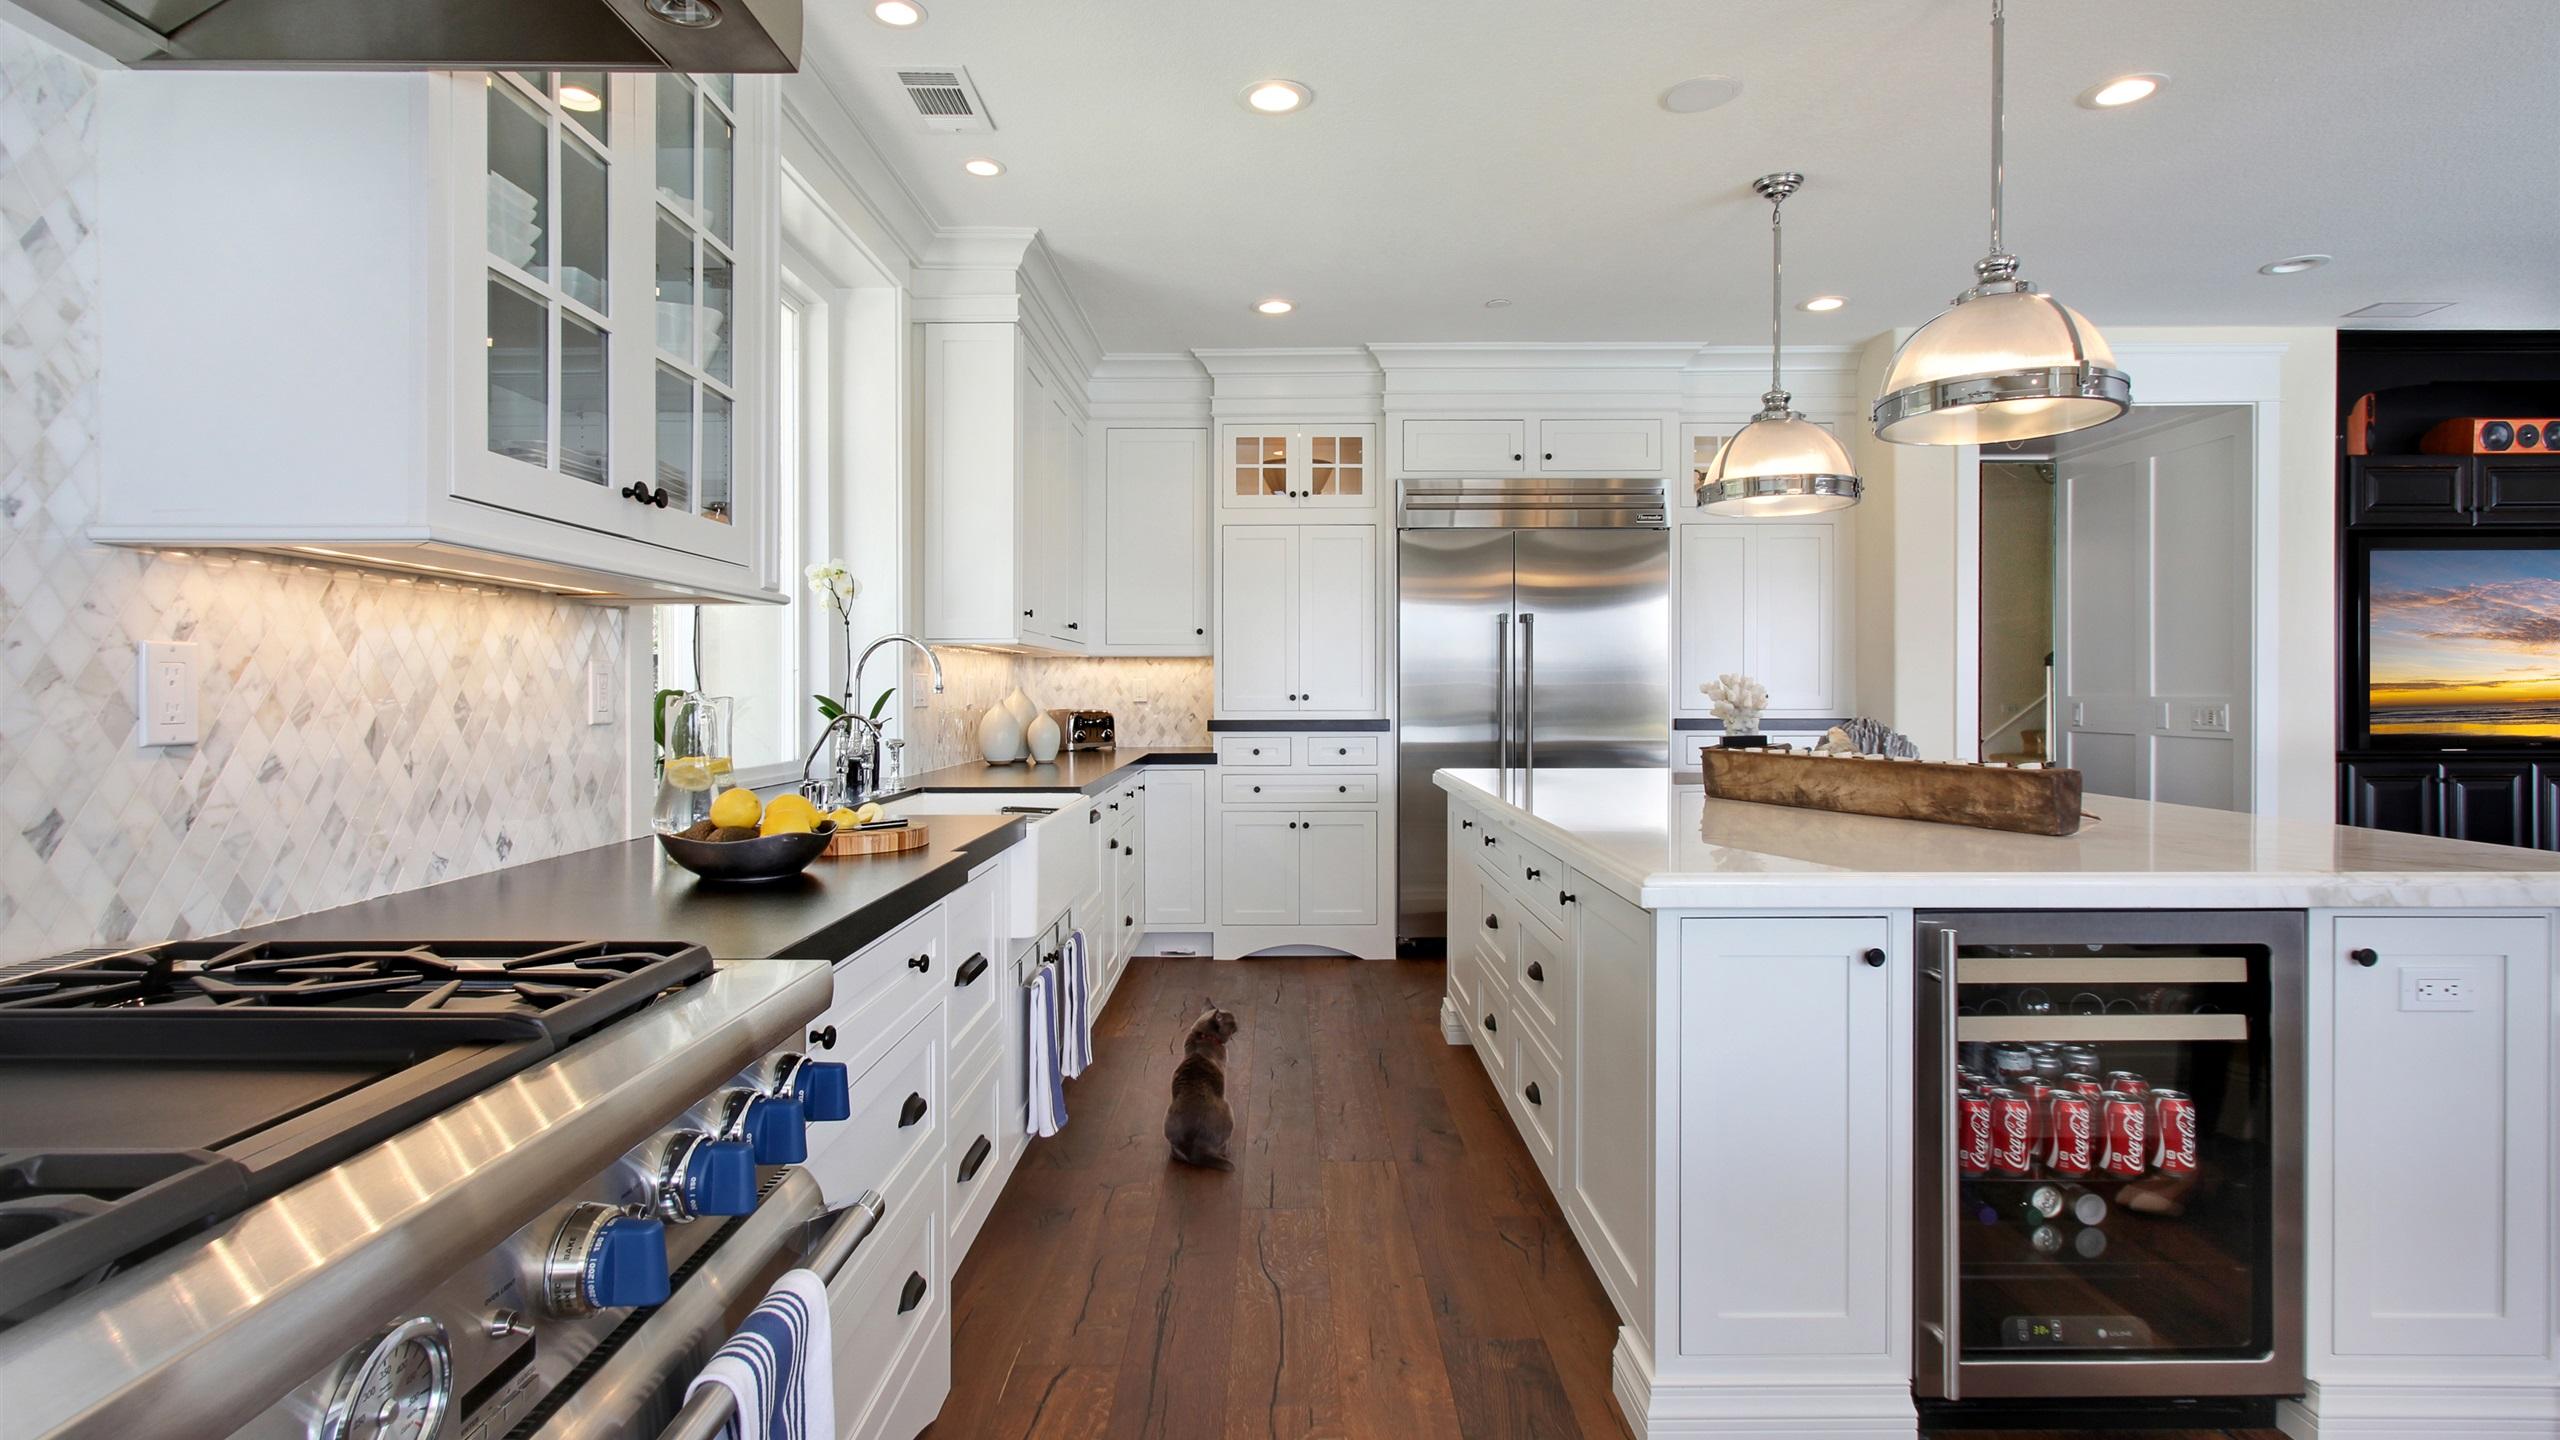 Interior Design, Küche, weißer Stil 3840x2160 UHD 4K ...